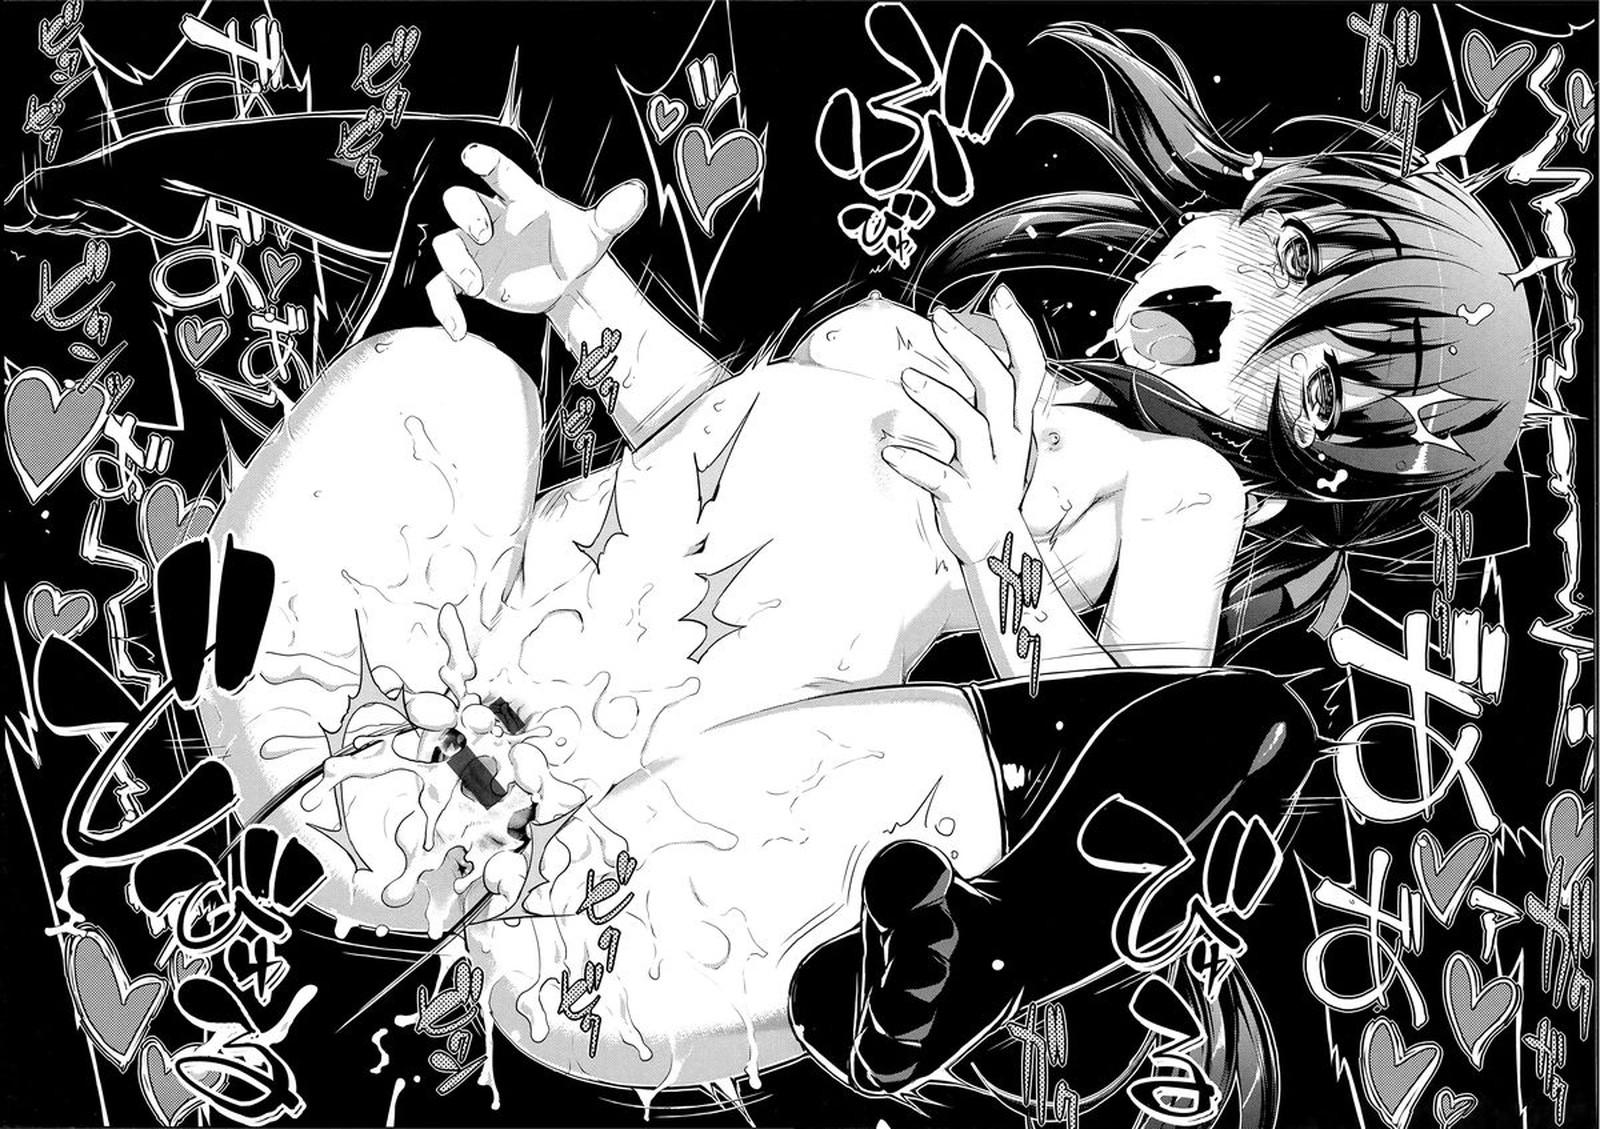 【エロ漫画】(6/6話)イク直前で焦らされ続け理性崩壊するJK…愛する彼氏の目の前で処女を他の男に奪われながらアヘ顔でイキまくるwww【無望菜志:NTR2 第6話】